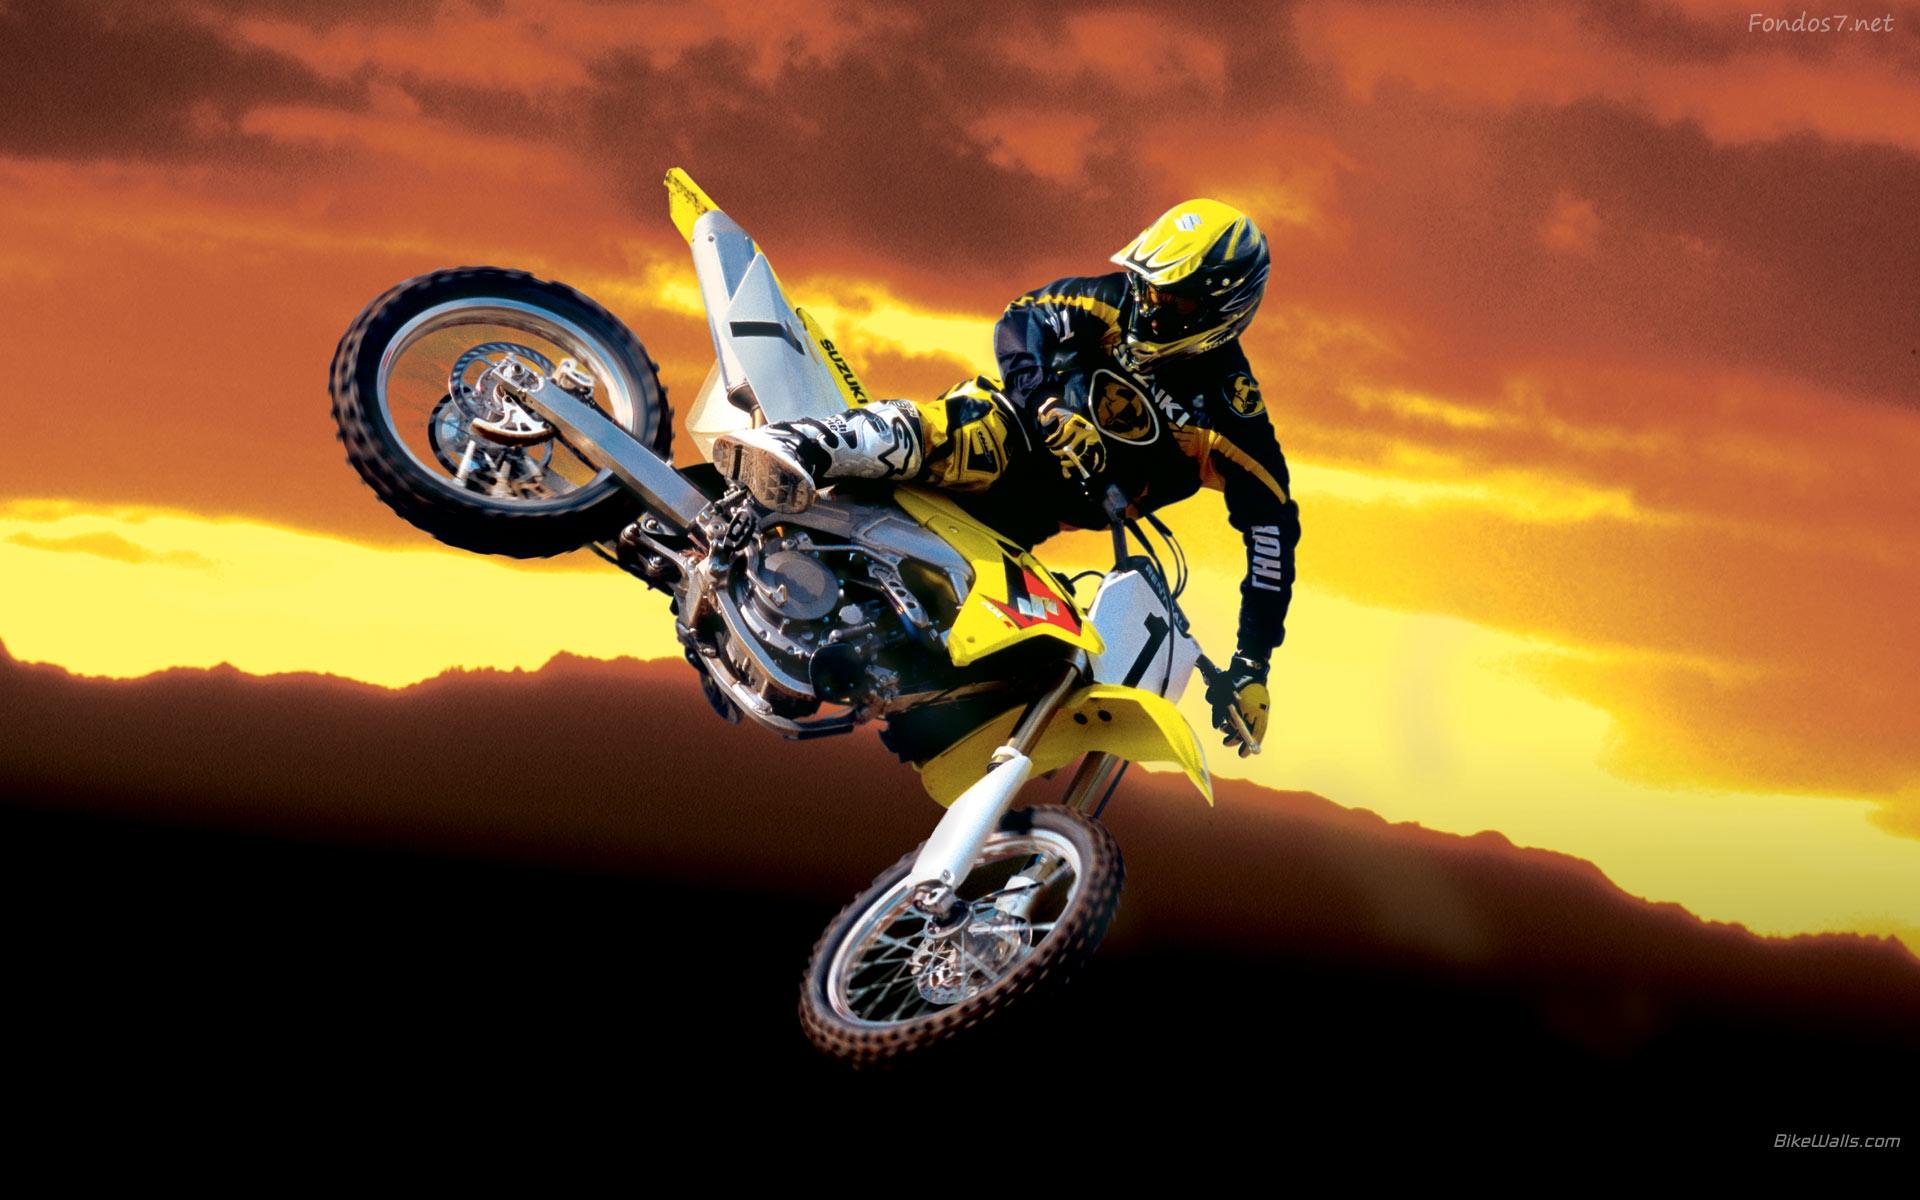 de pantalla salto de motocross hd widescreen Gratis imagenes 2404 1920x1200